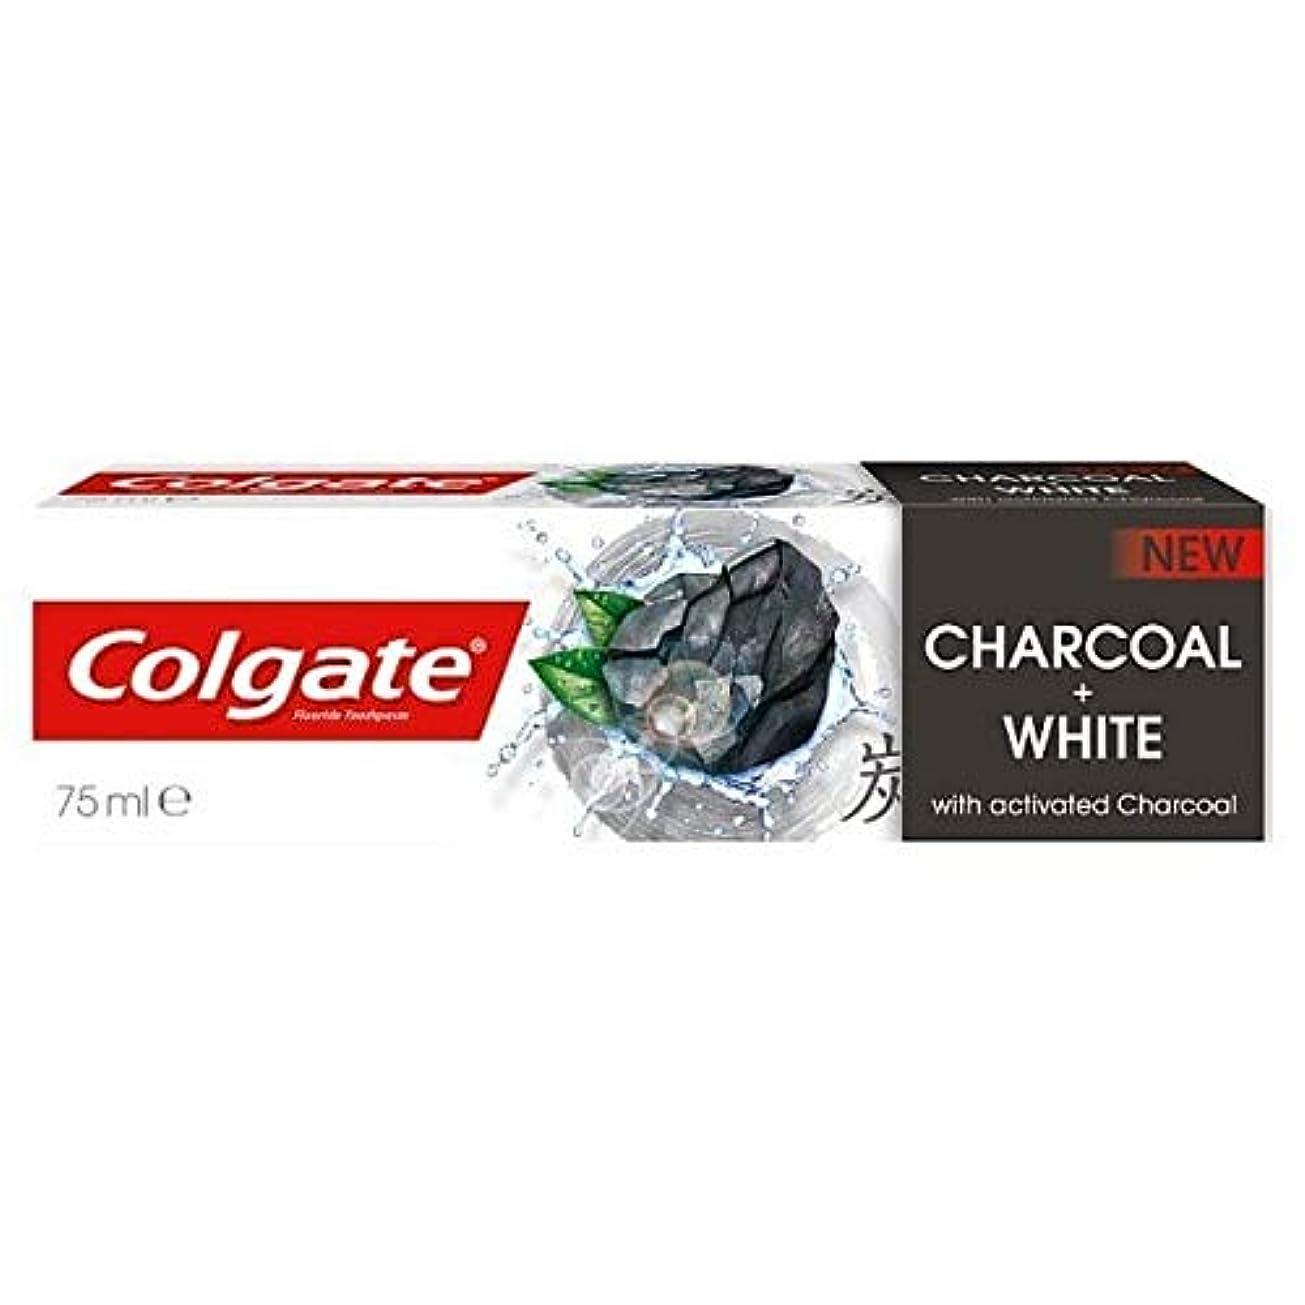 晴れ徐々に慣らす[Colgate ] コルゲート歯磨きナチュラルチャコール75ミリリットル - Colgate Toothpaste Naturals Charcoal 75ml [並行輸入品]